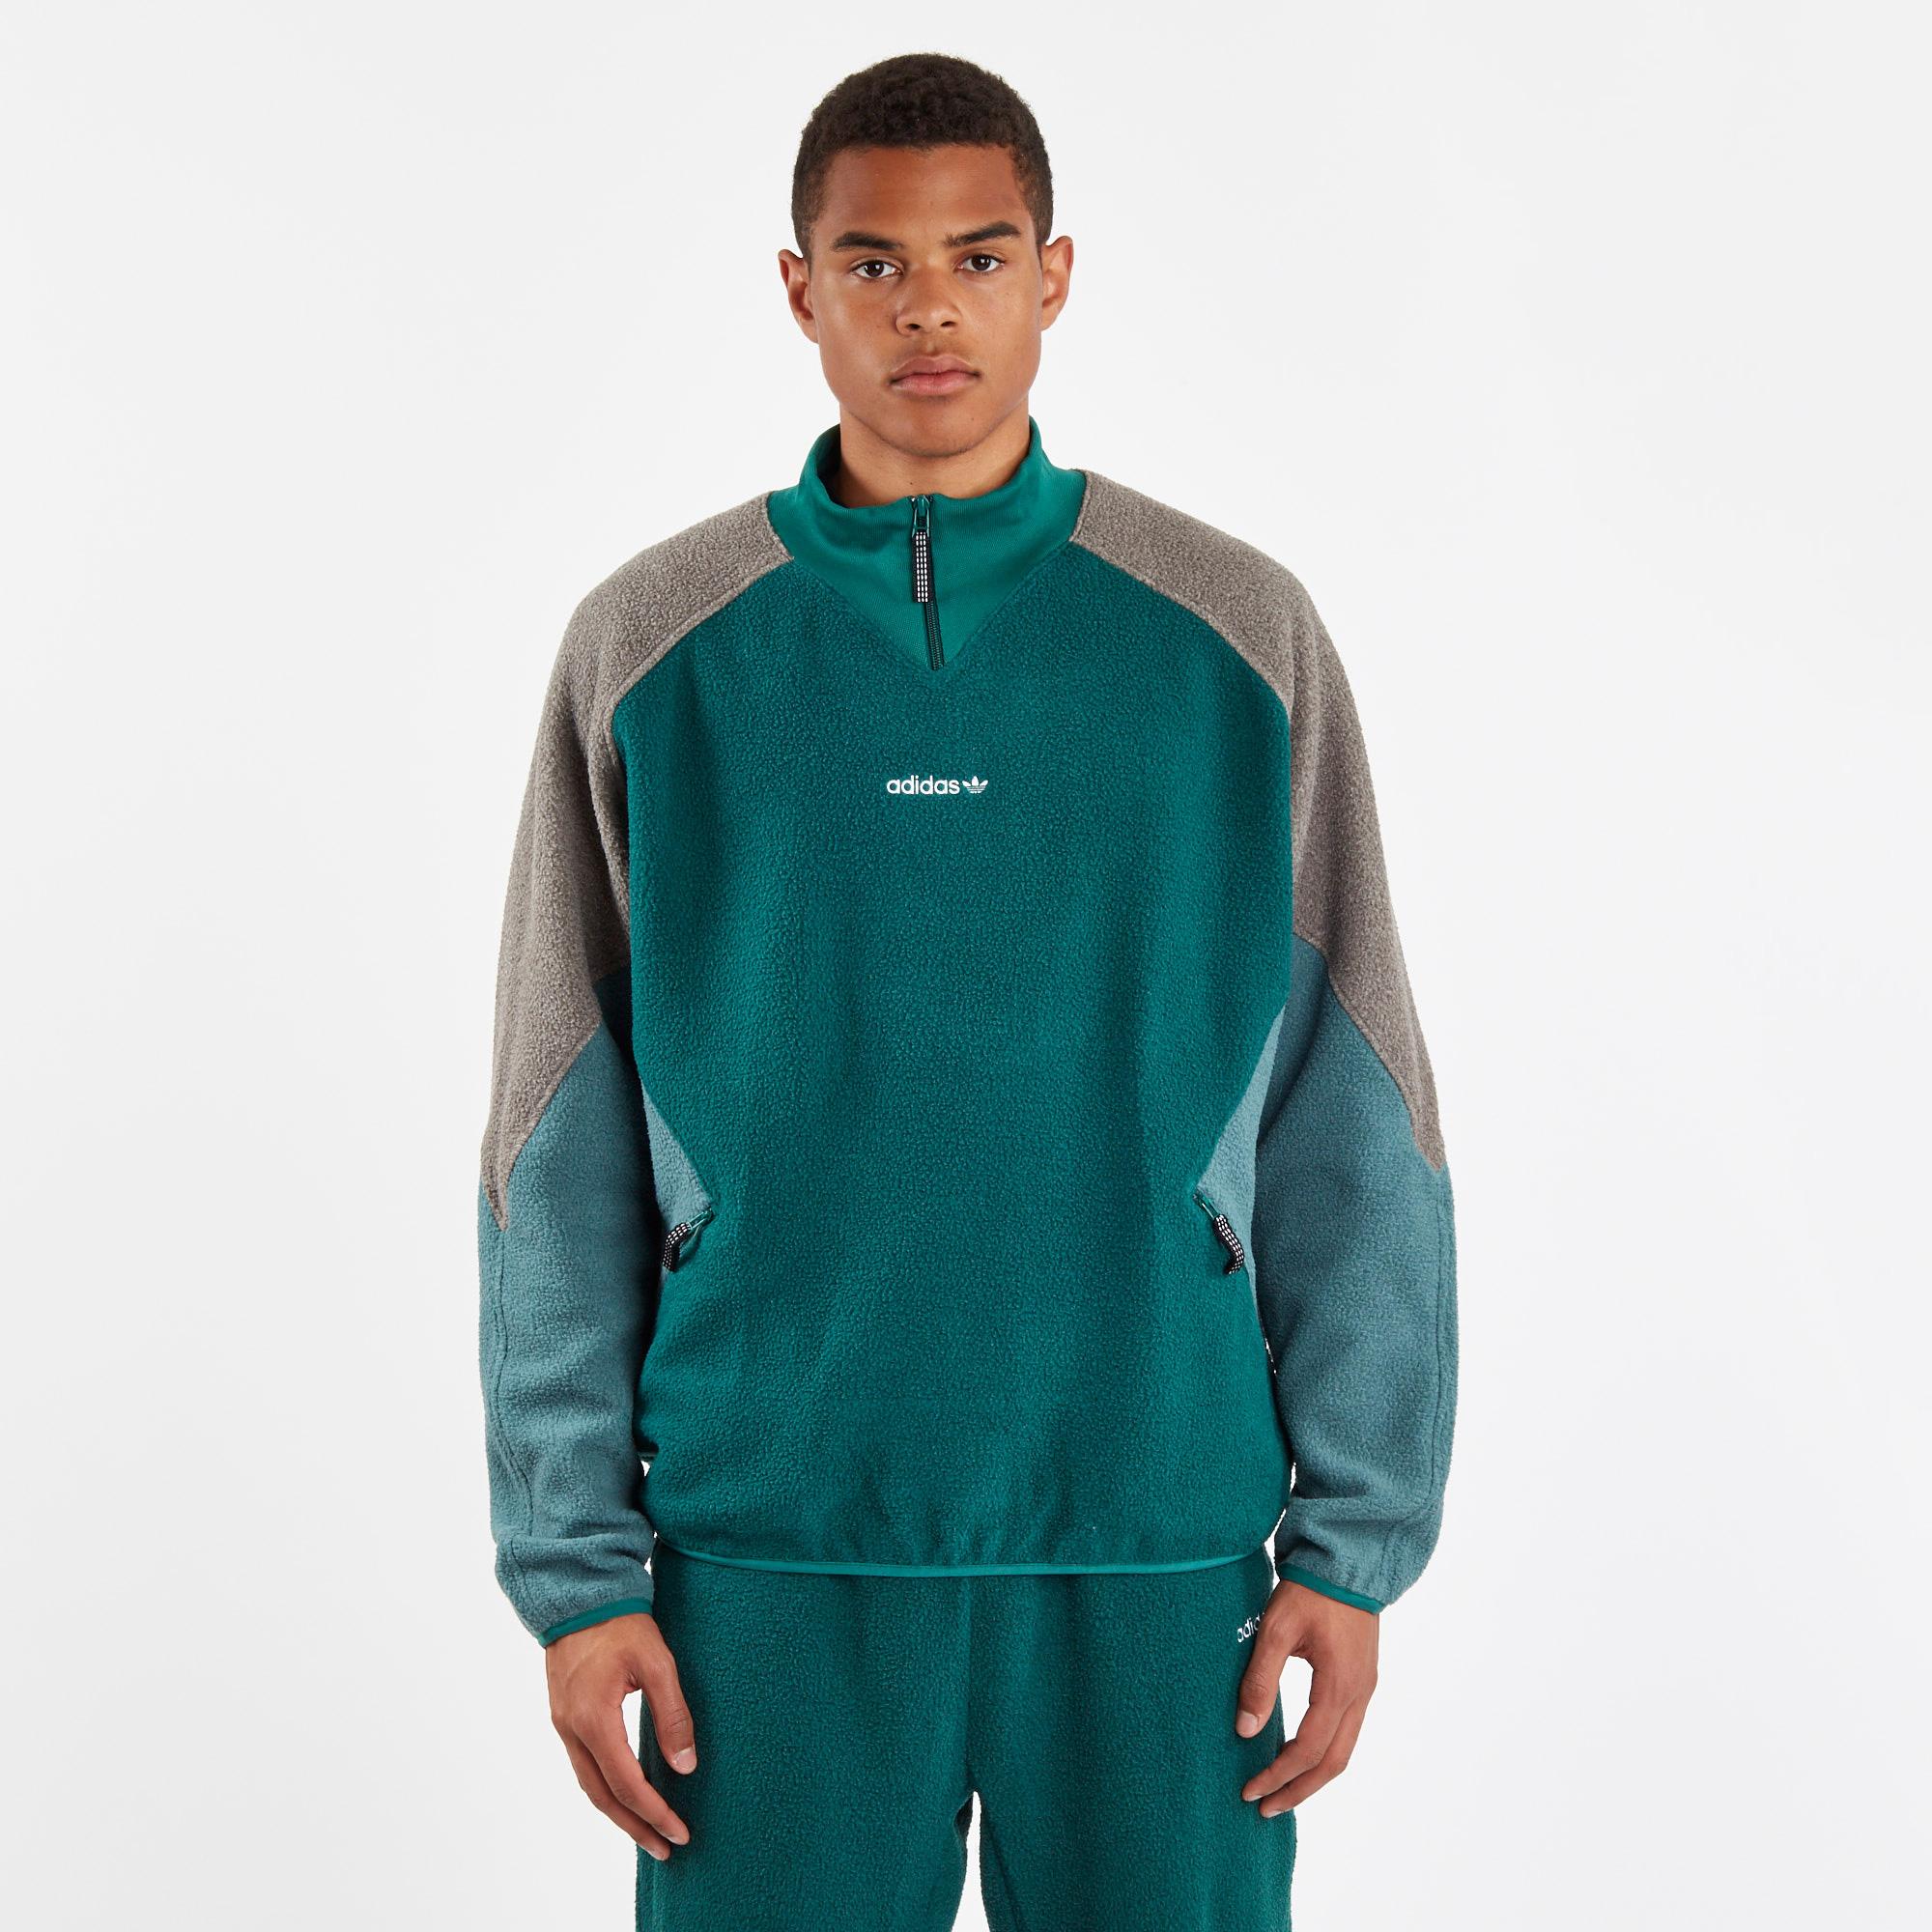 adidas EQT Polar Fleece Top - Dh5194